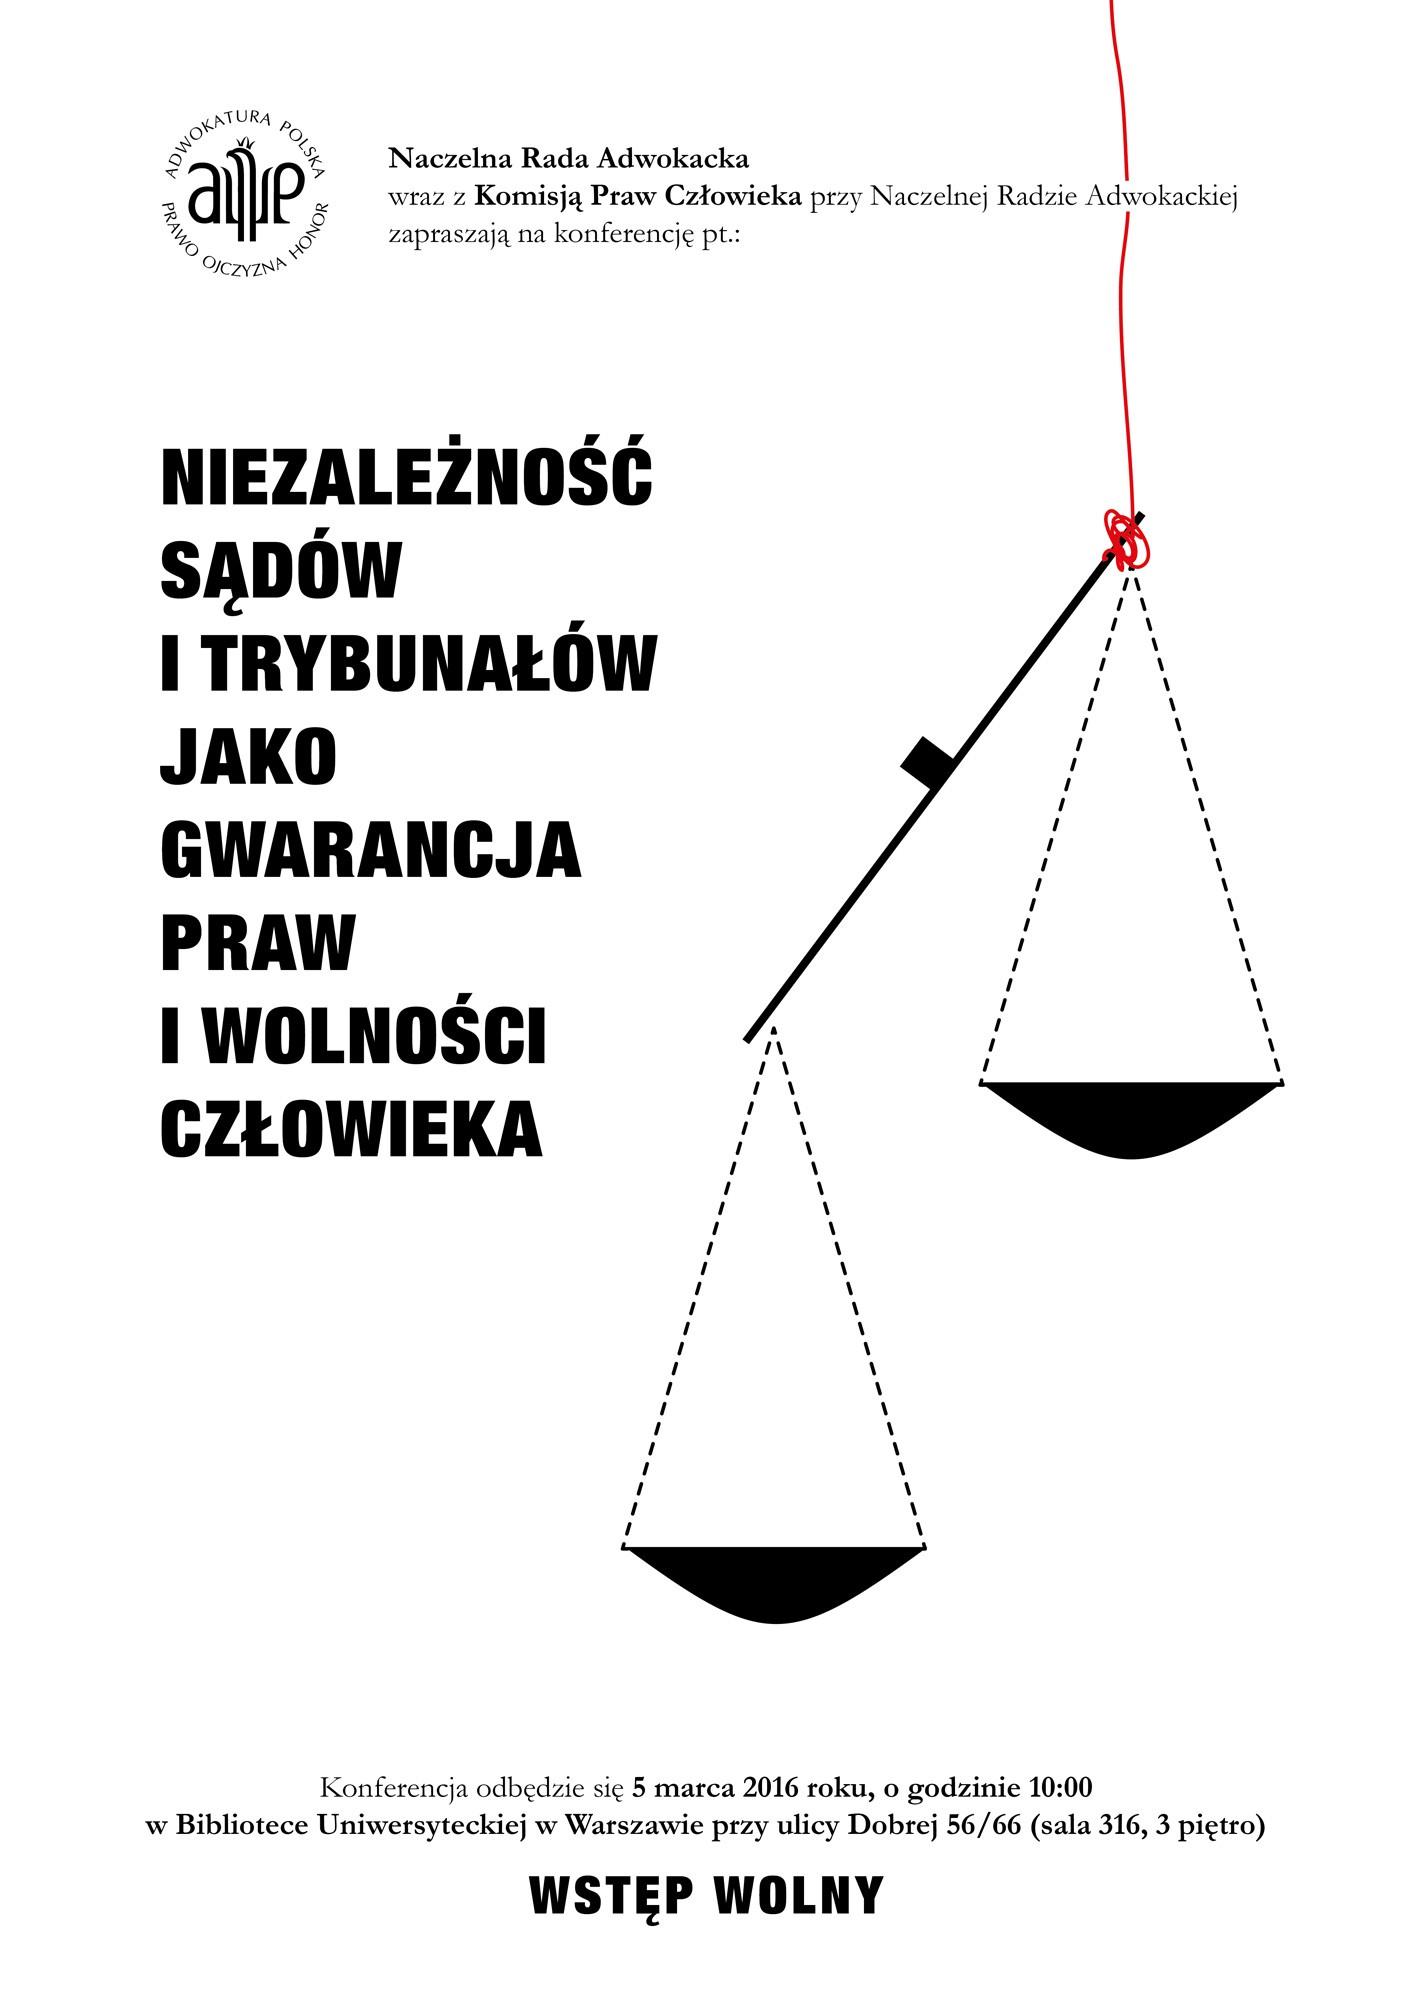 Niezależność Sądów I Trybunałów Tematem Konferencji Nra